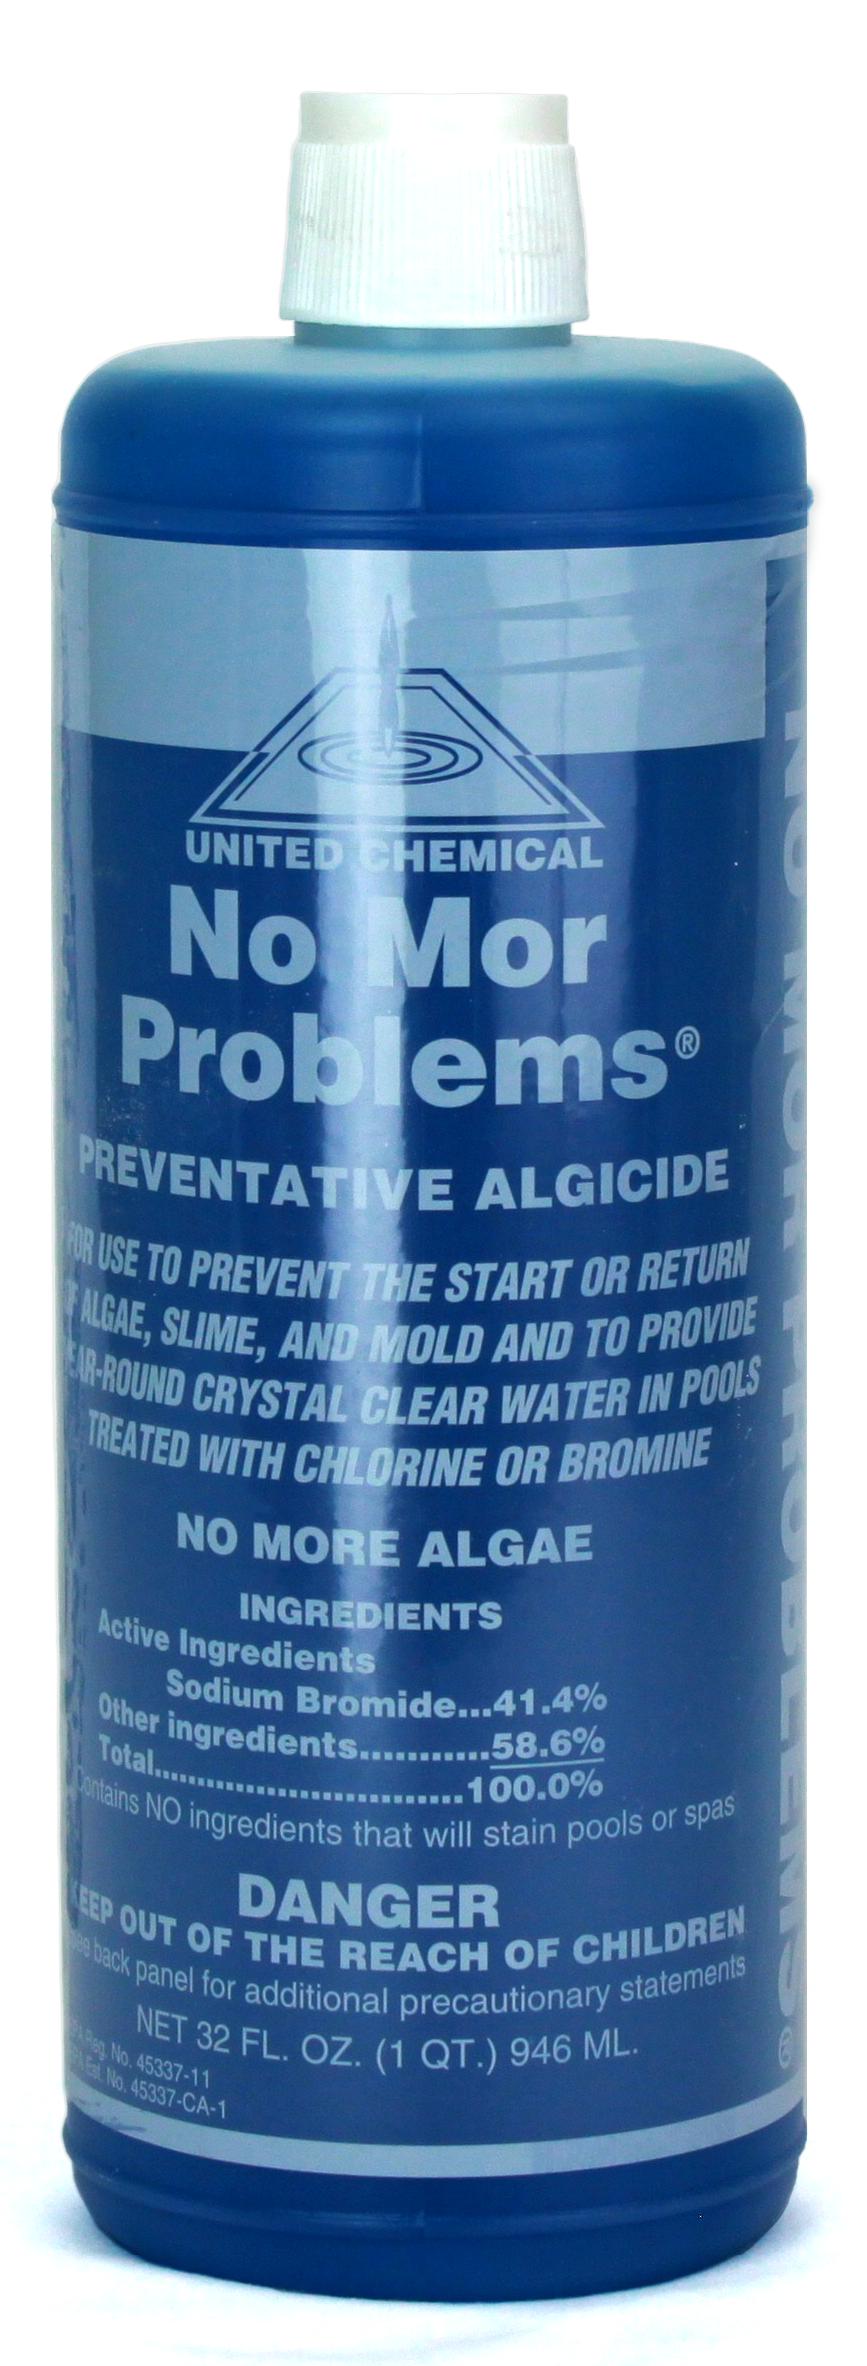 No Mor Problems Preventative Algaecide 32 Oz